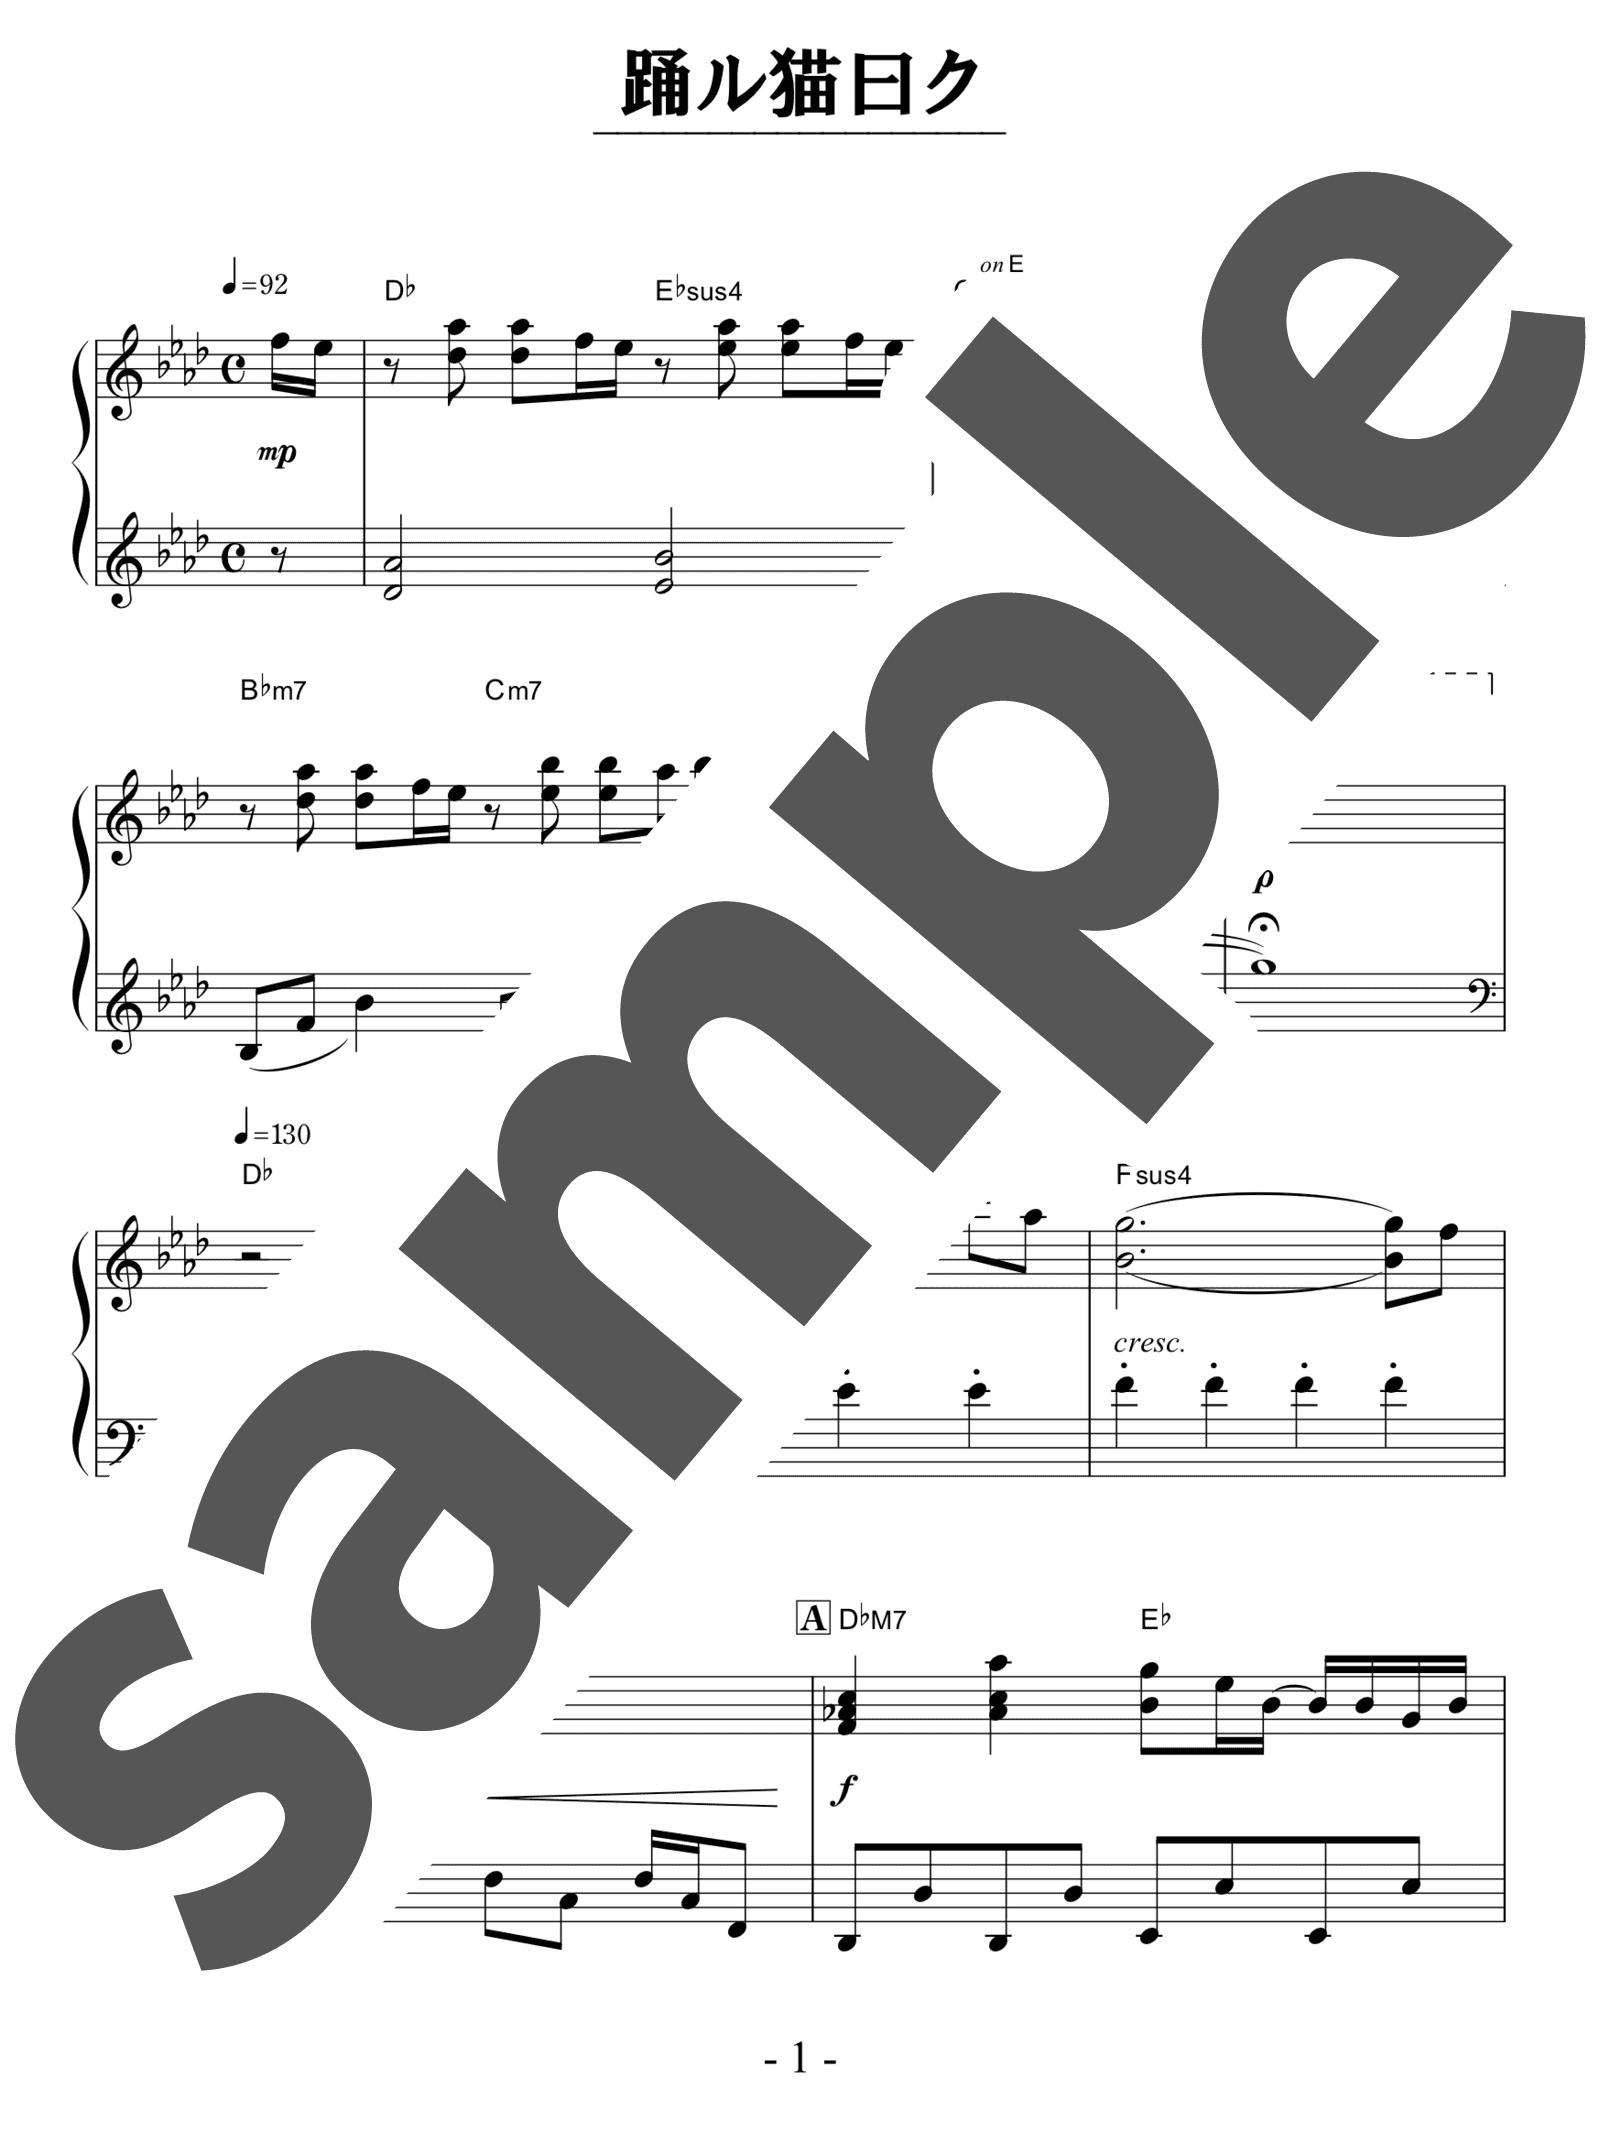 「踊ル猫曰ク」のサンプル楽譜